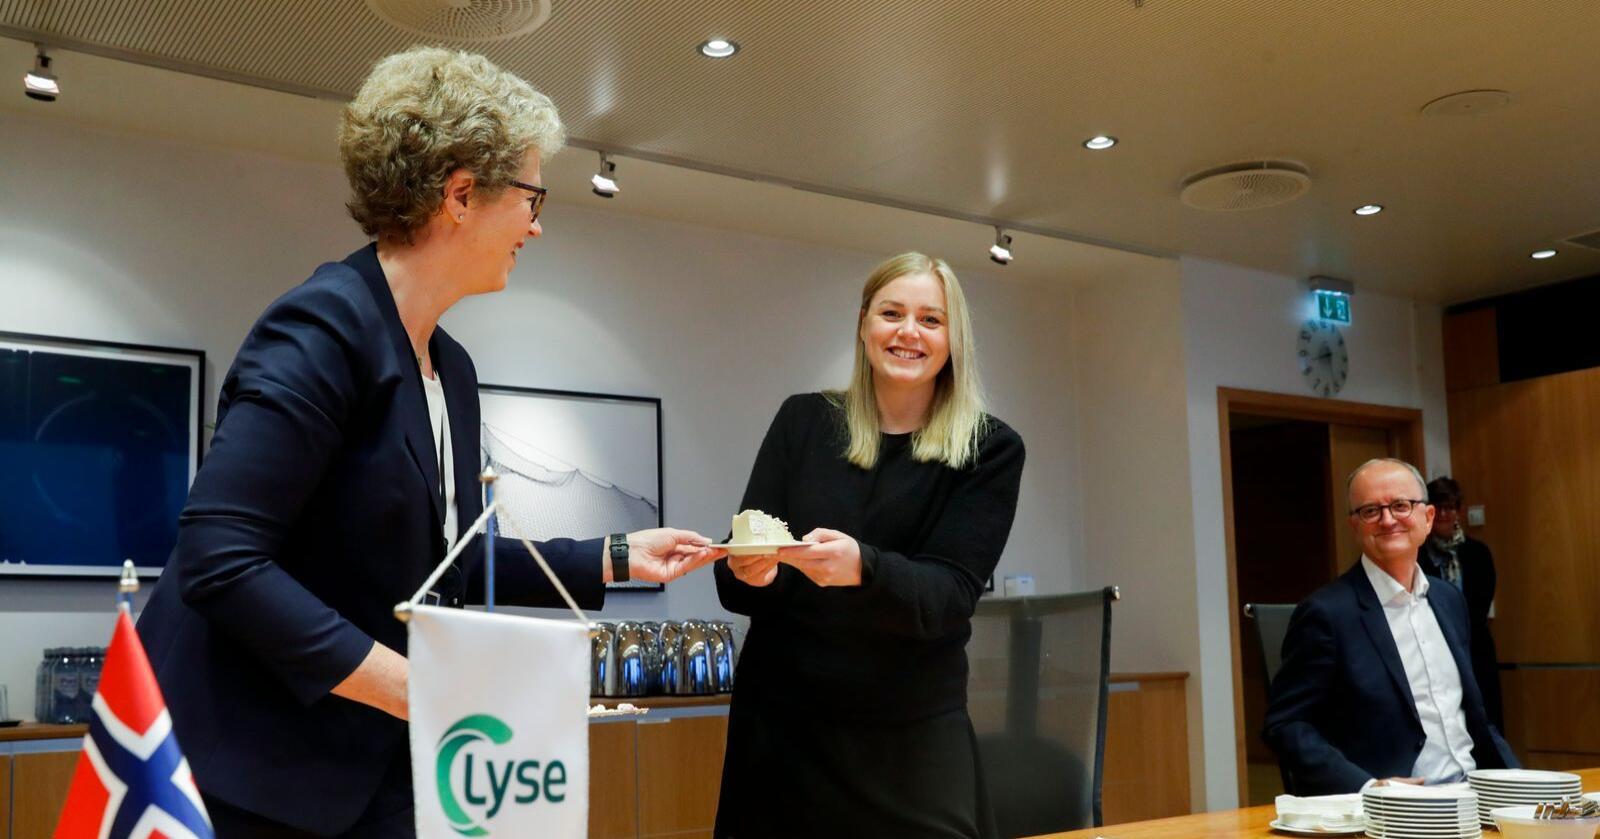 Konsernsjef Hilde Merete Aasheim i Hydro, olje- og energiminister Tina Bru og konsernsjef Eimund Nygaard i Lyse under en markering etter at det ble klart at Lyse og Hydro går sammen om å etablere et nytt vannkraftselskap. Foto: Terje Pedersen / NTB